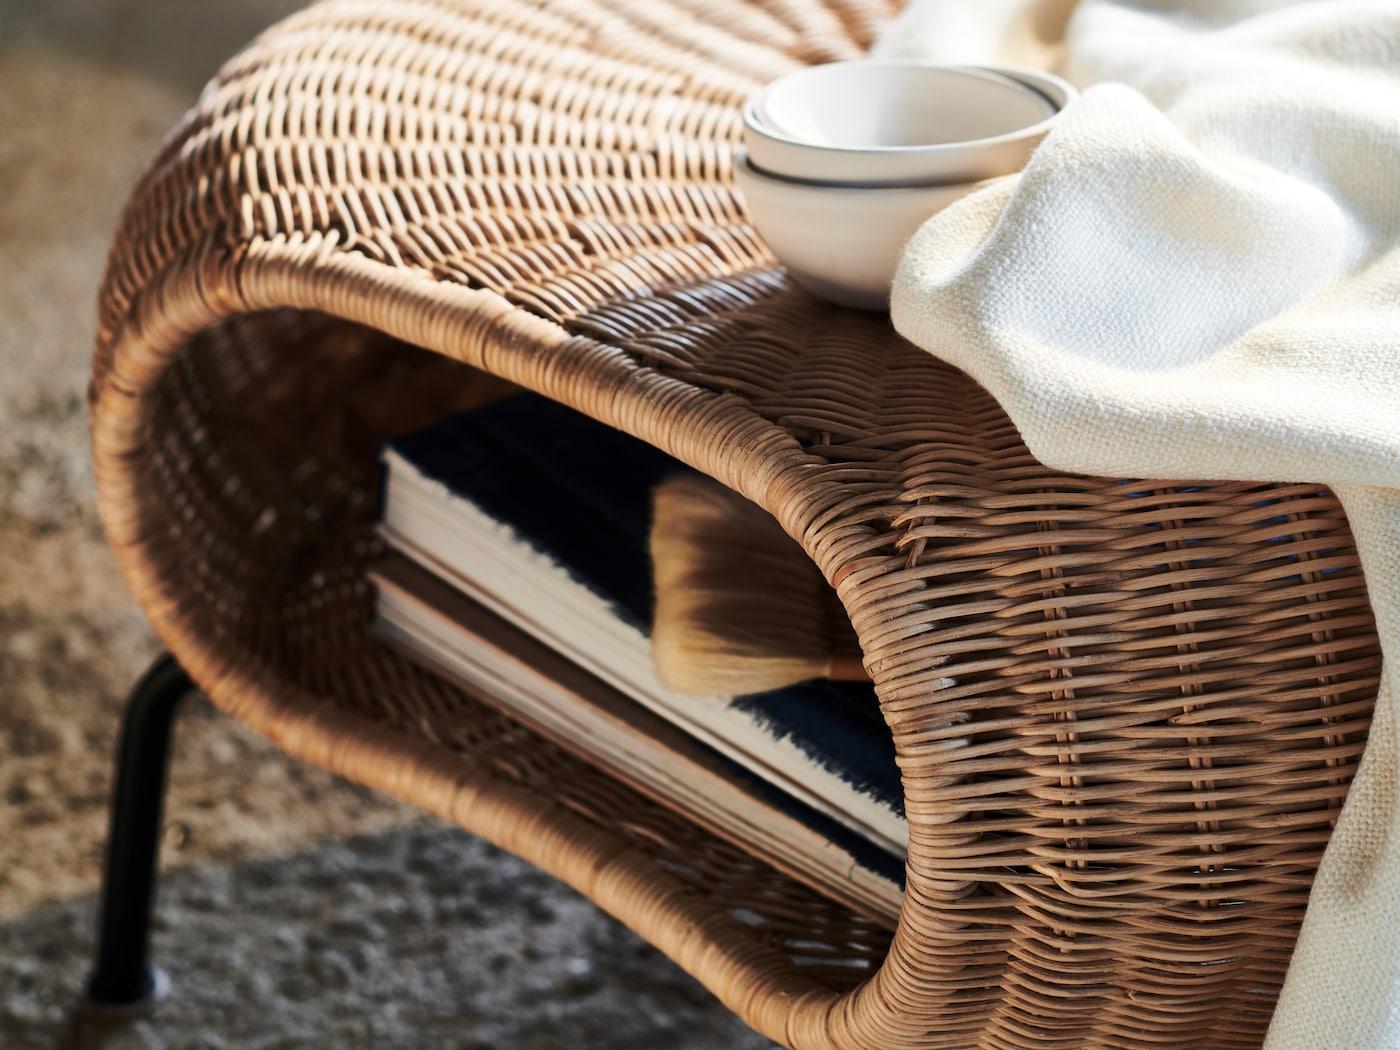 Manta em branco e três tigelas em branco em cima de um repousa-pés GAMLEHULT com livros arrumados no interior.